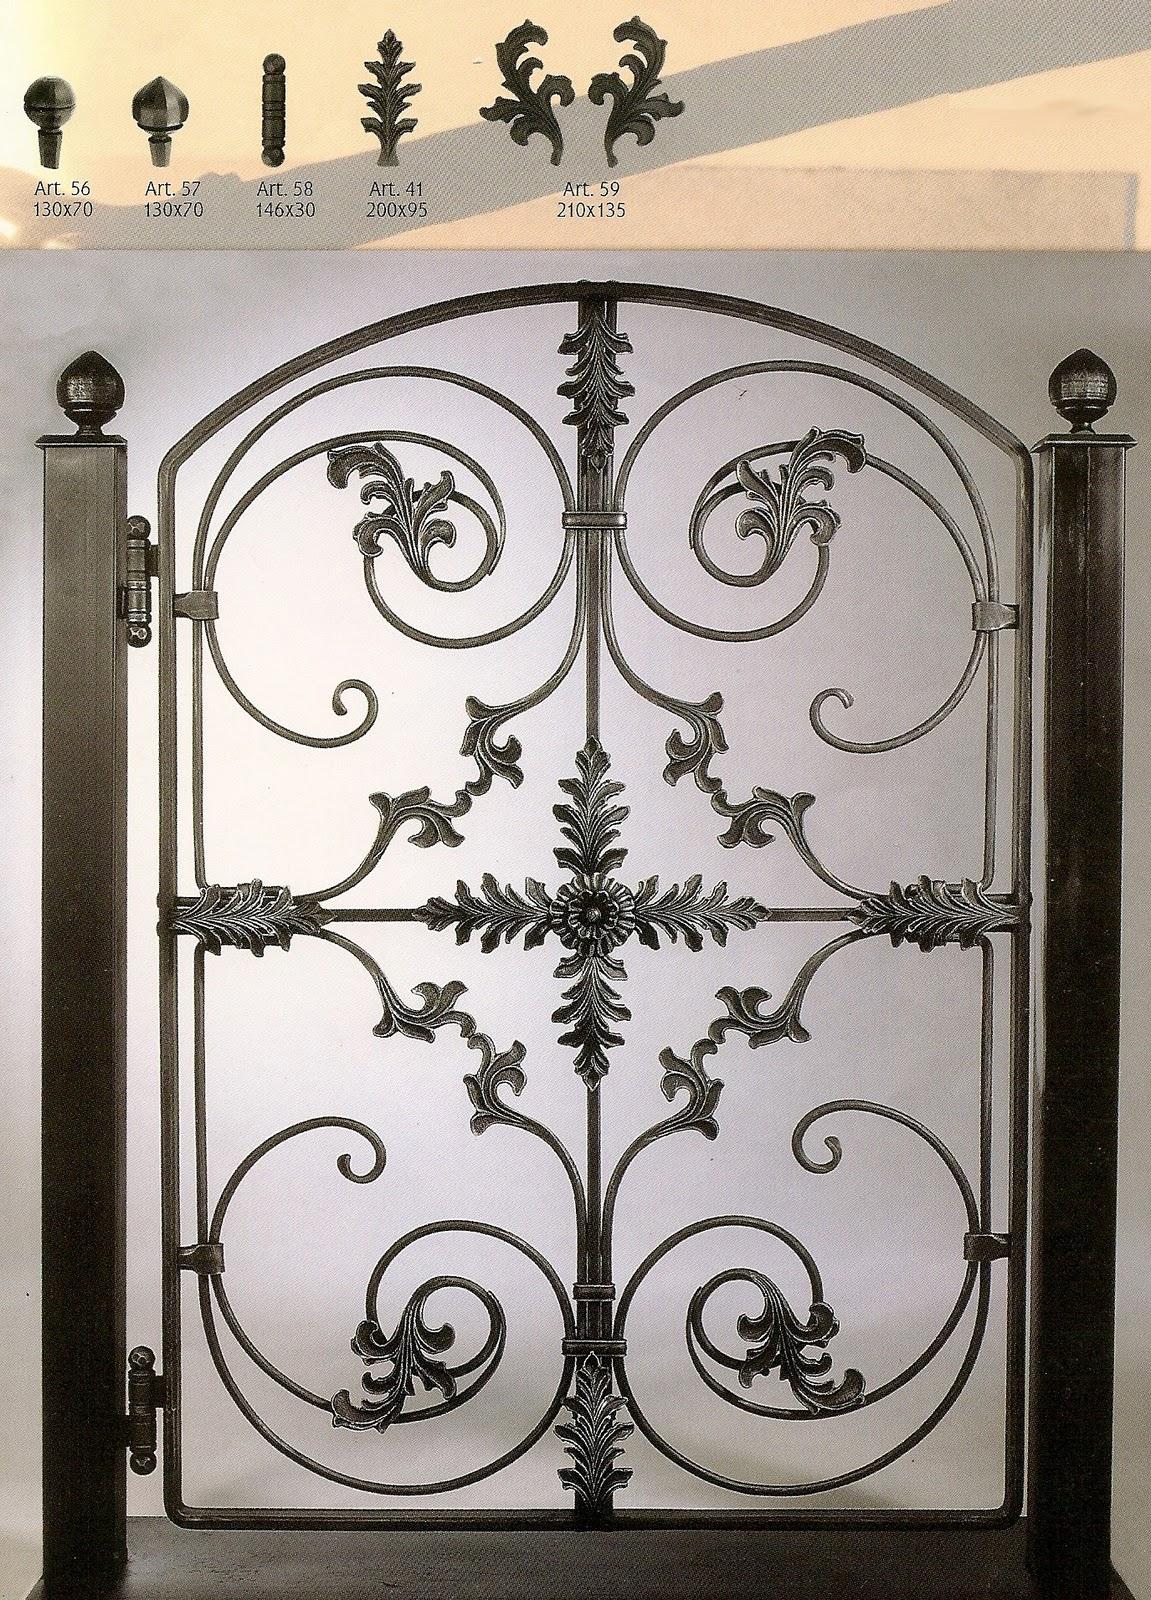 Eccezionale dg serramenti: DG serramenti - lavori in ferro battuto RI81